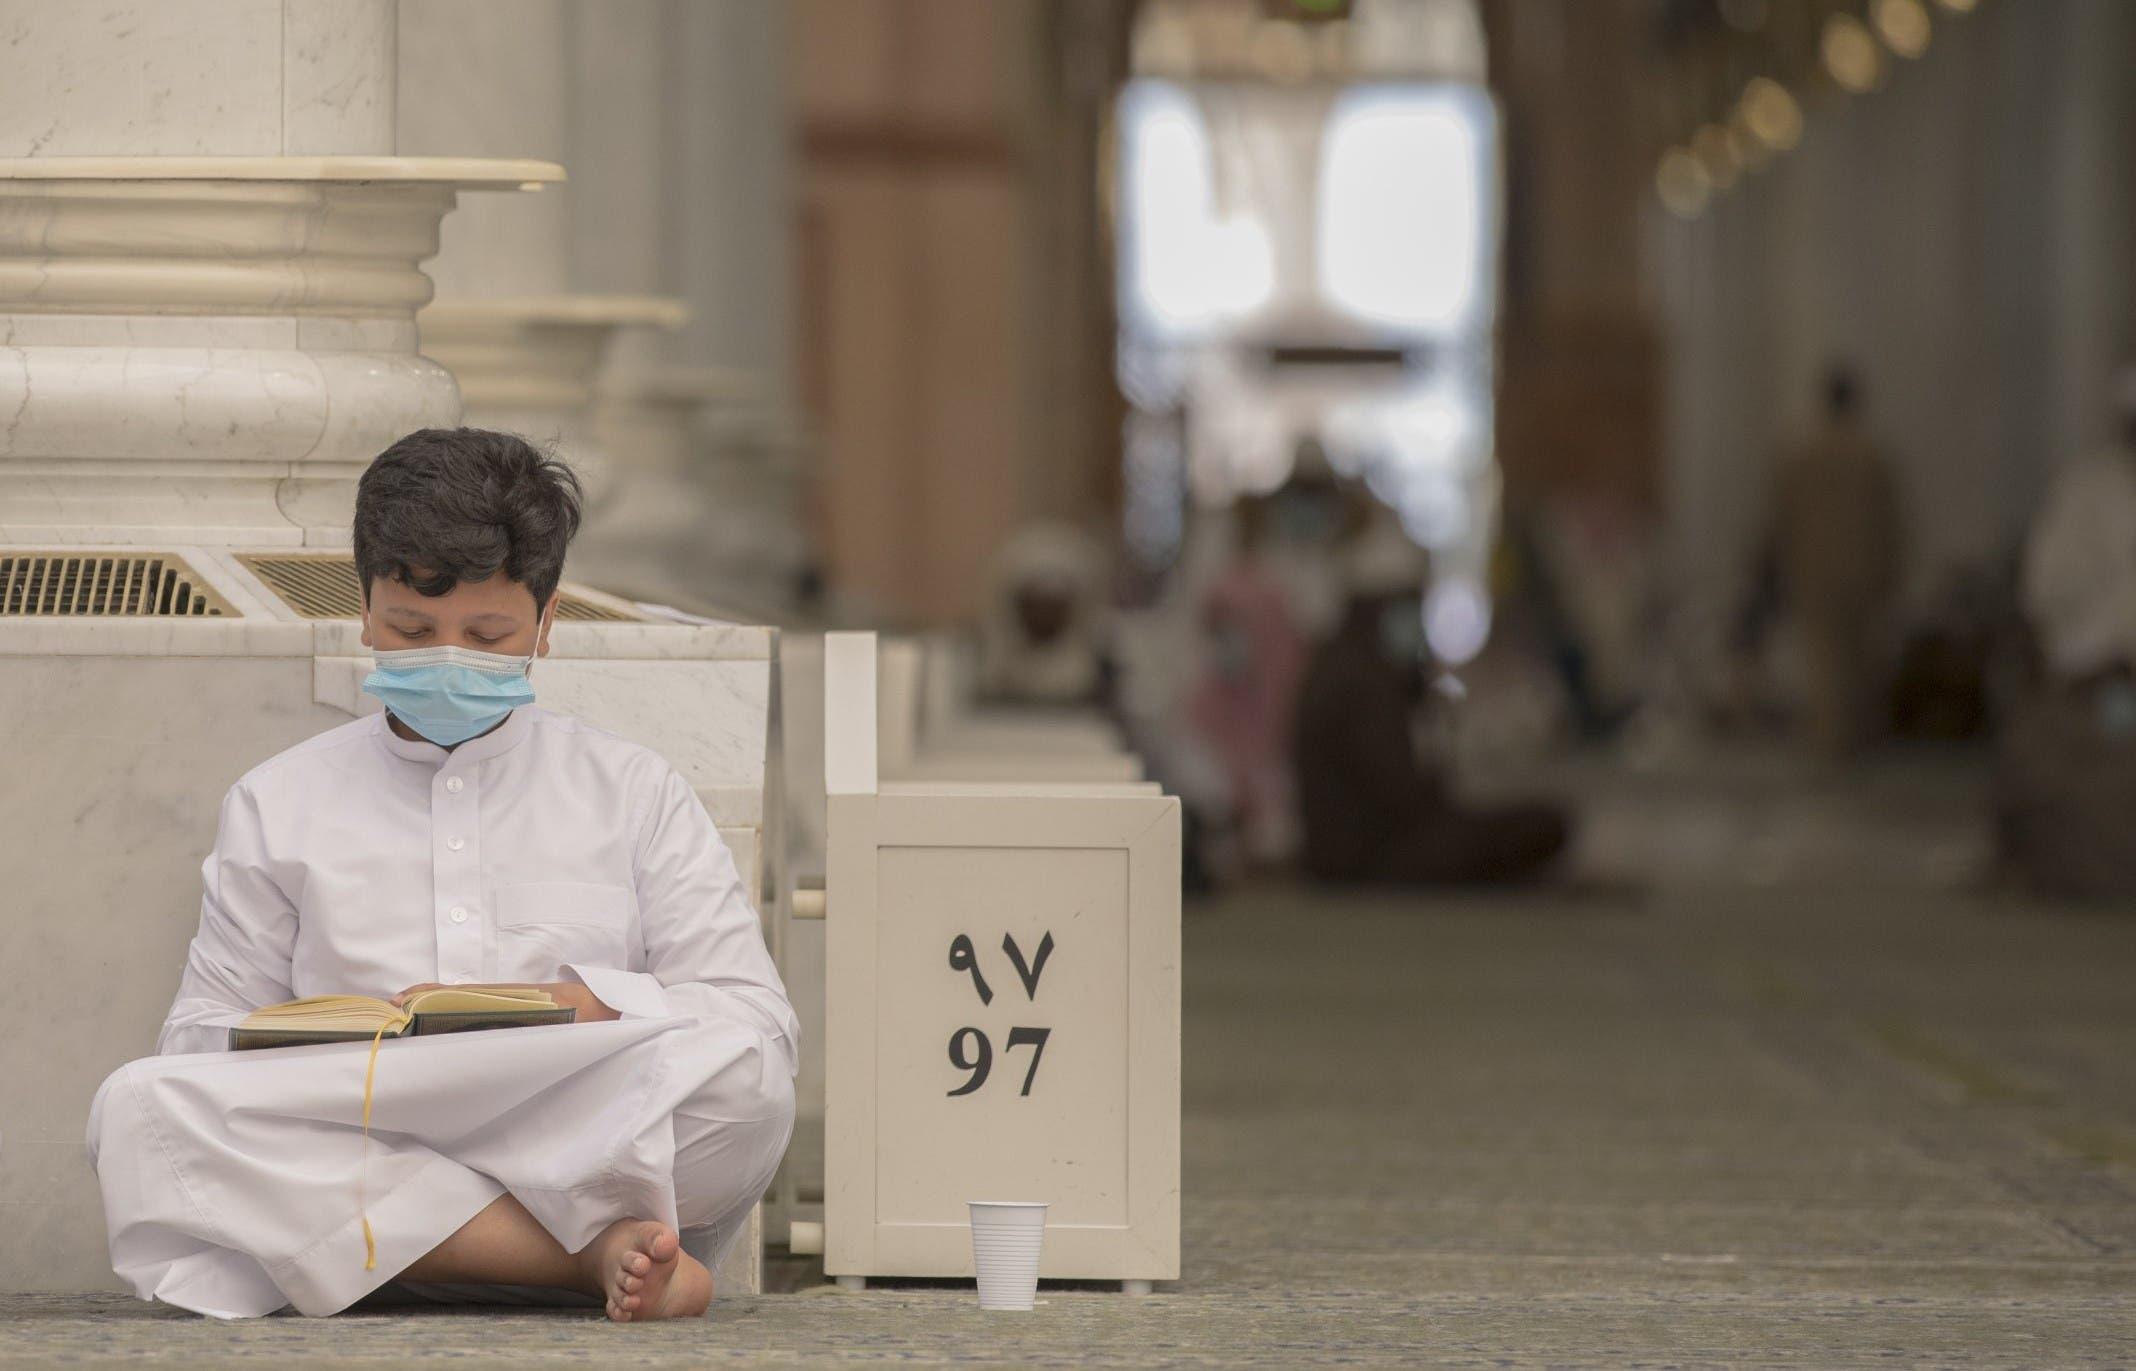 احد الفتيان يتلوا القرآن داخل المسجد النبوي